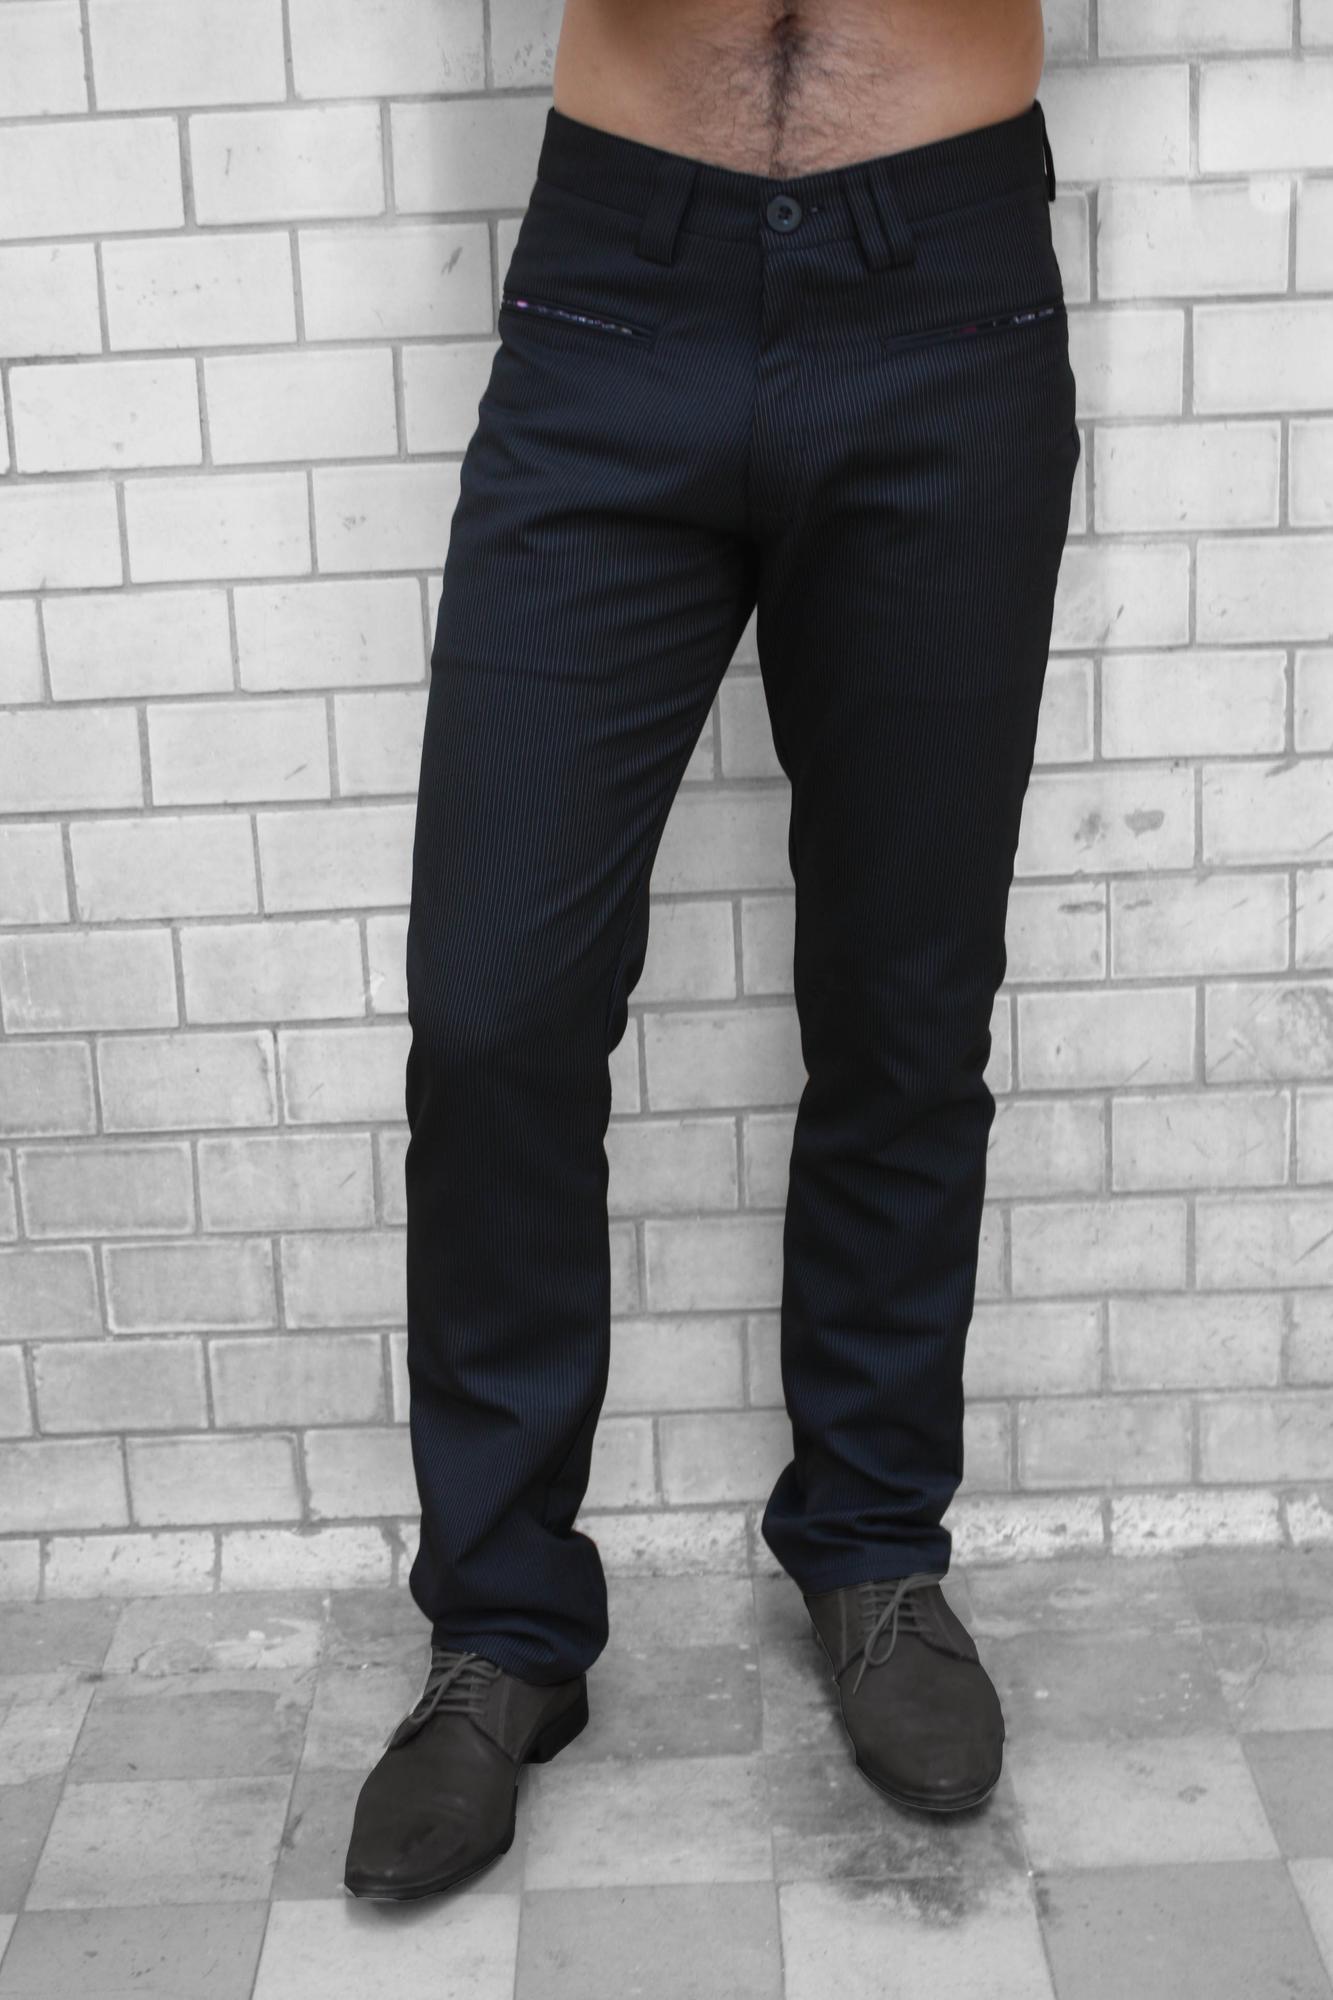 bfb71a11f9c12f Baïsap - Anzughose schwarz - Nadelstreifen - Straight leg hose mit feinen  Streifen Teilen